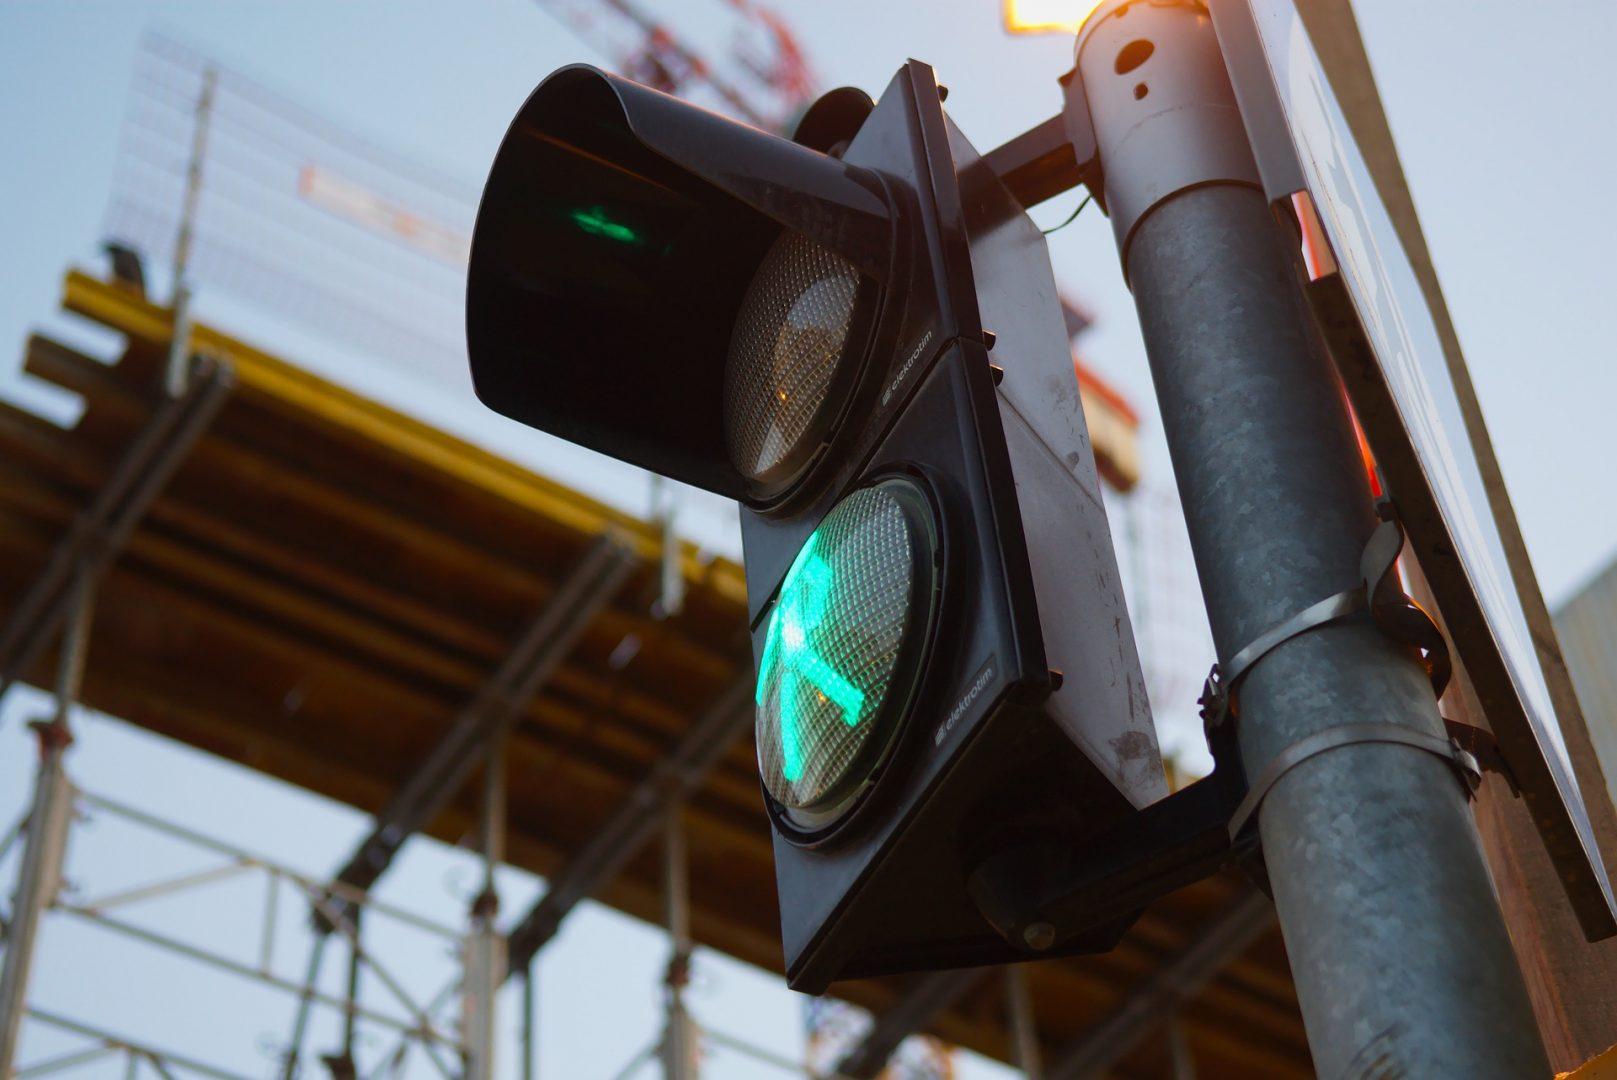 Современный технологичный перекресток появился в Сосенском. Фото: pixabay.com